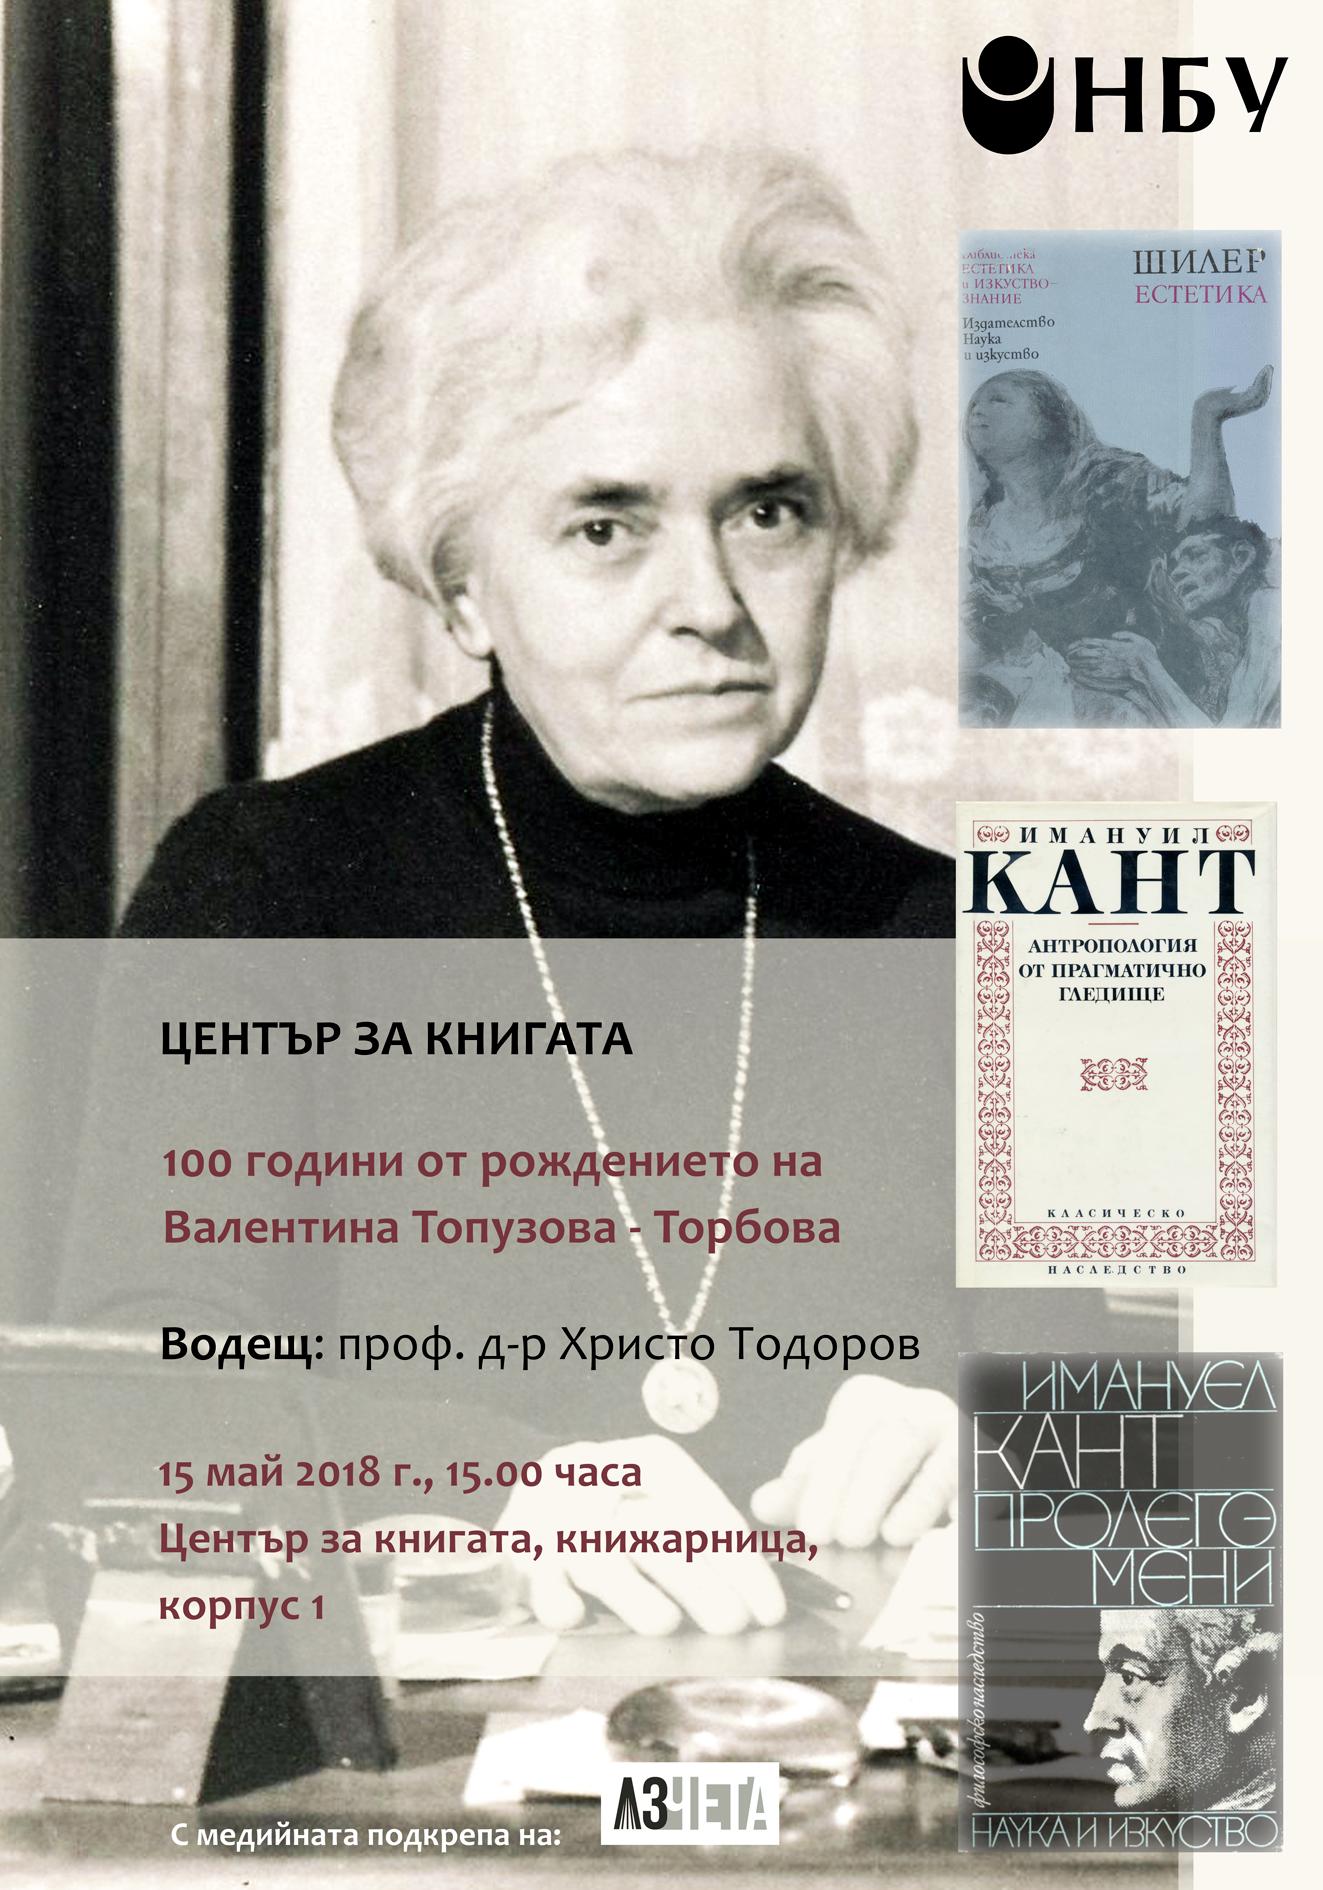 100 години от рождението на Валентина Топузова-Торбова